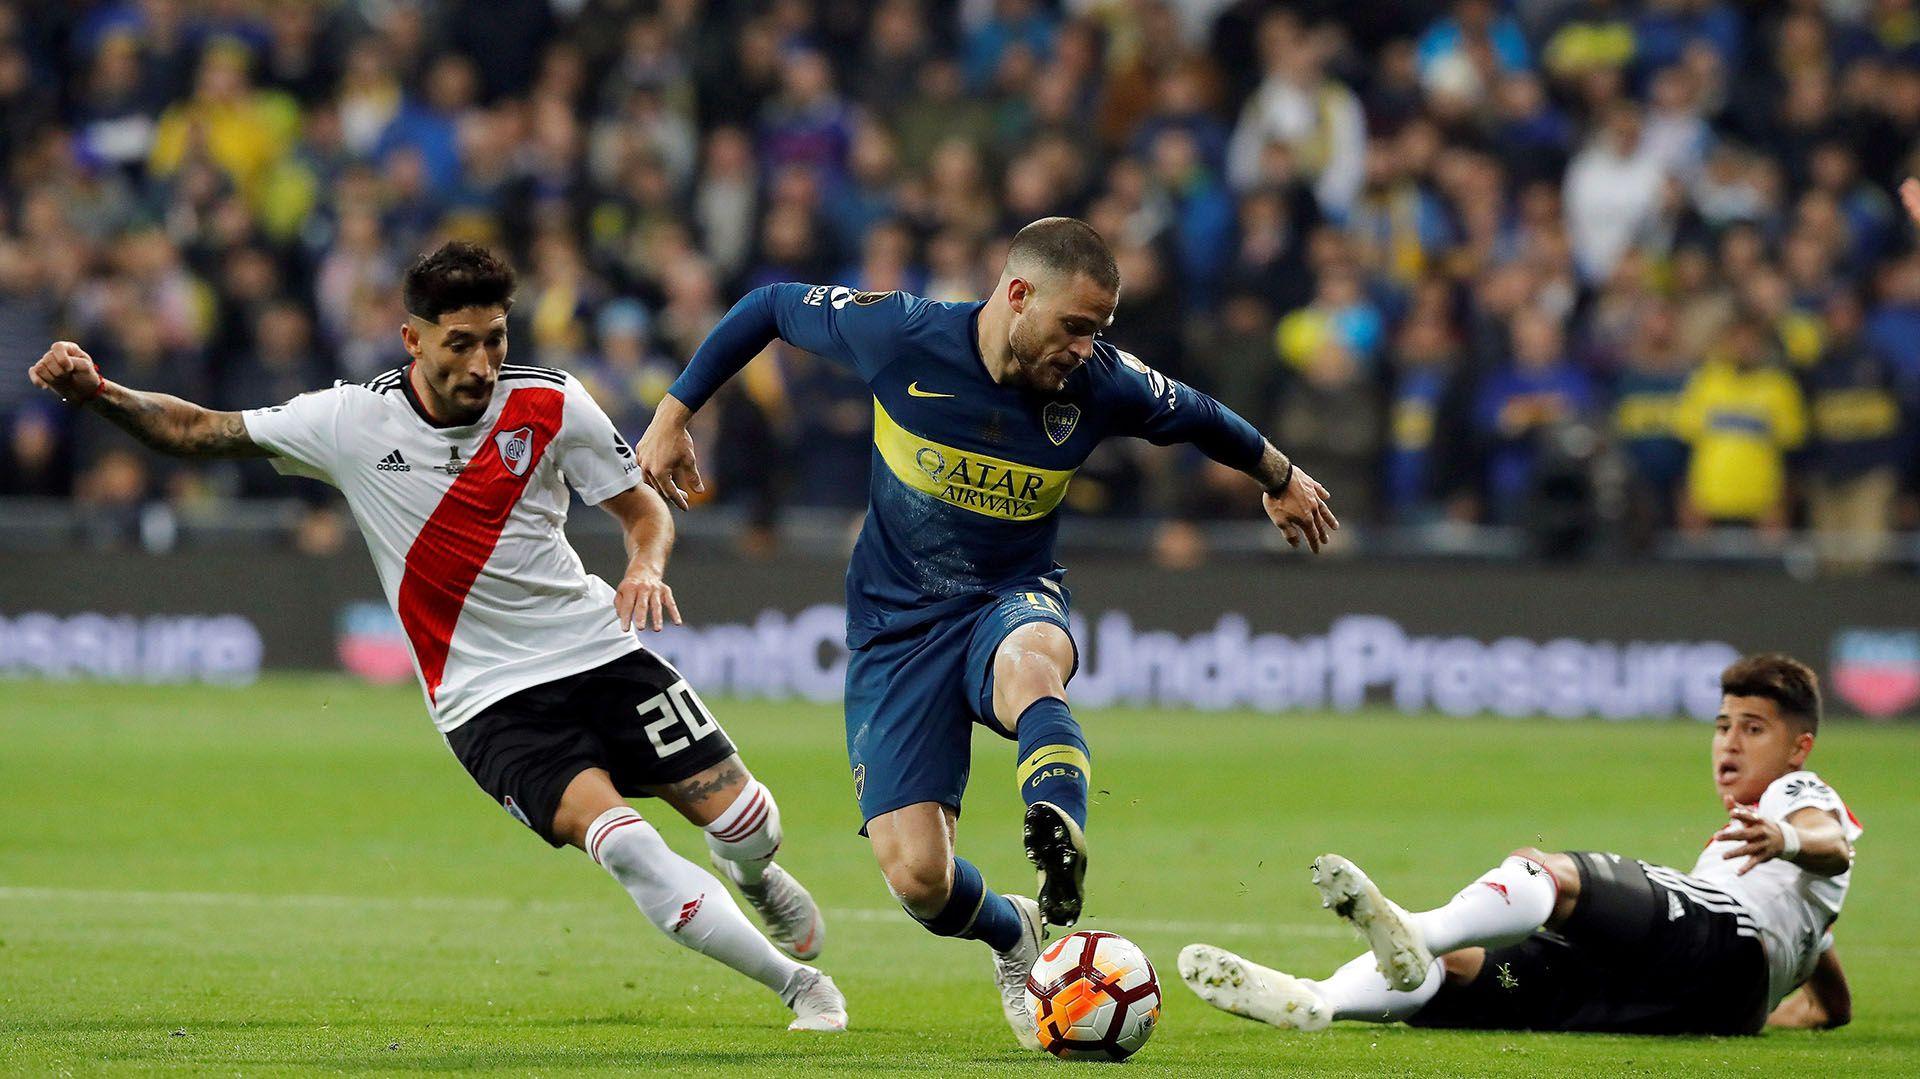 Nández se ganó el cariño de los hinchas de Boca gracias a su dinámica y a su juego aguerrido (EFE/Juan Carlos Hidalgo)